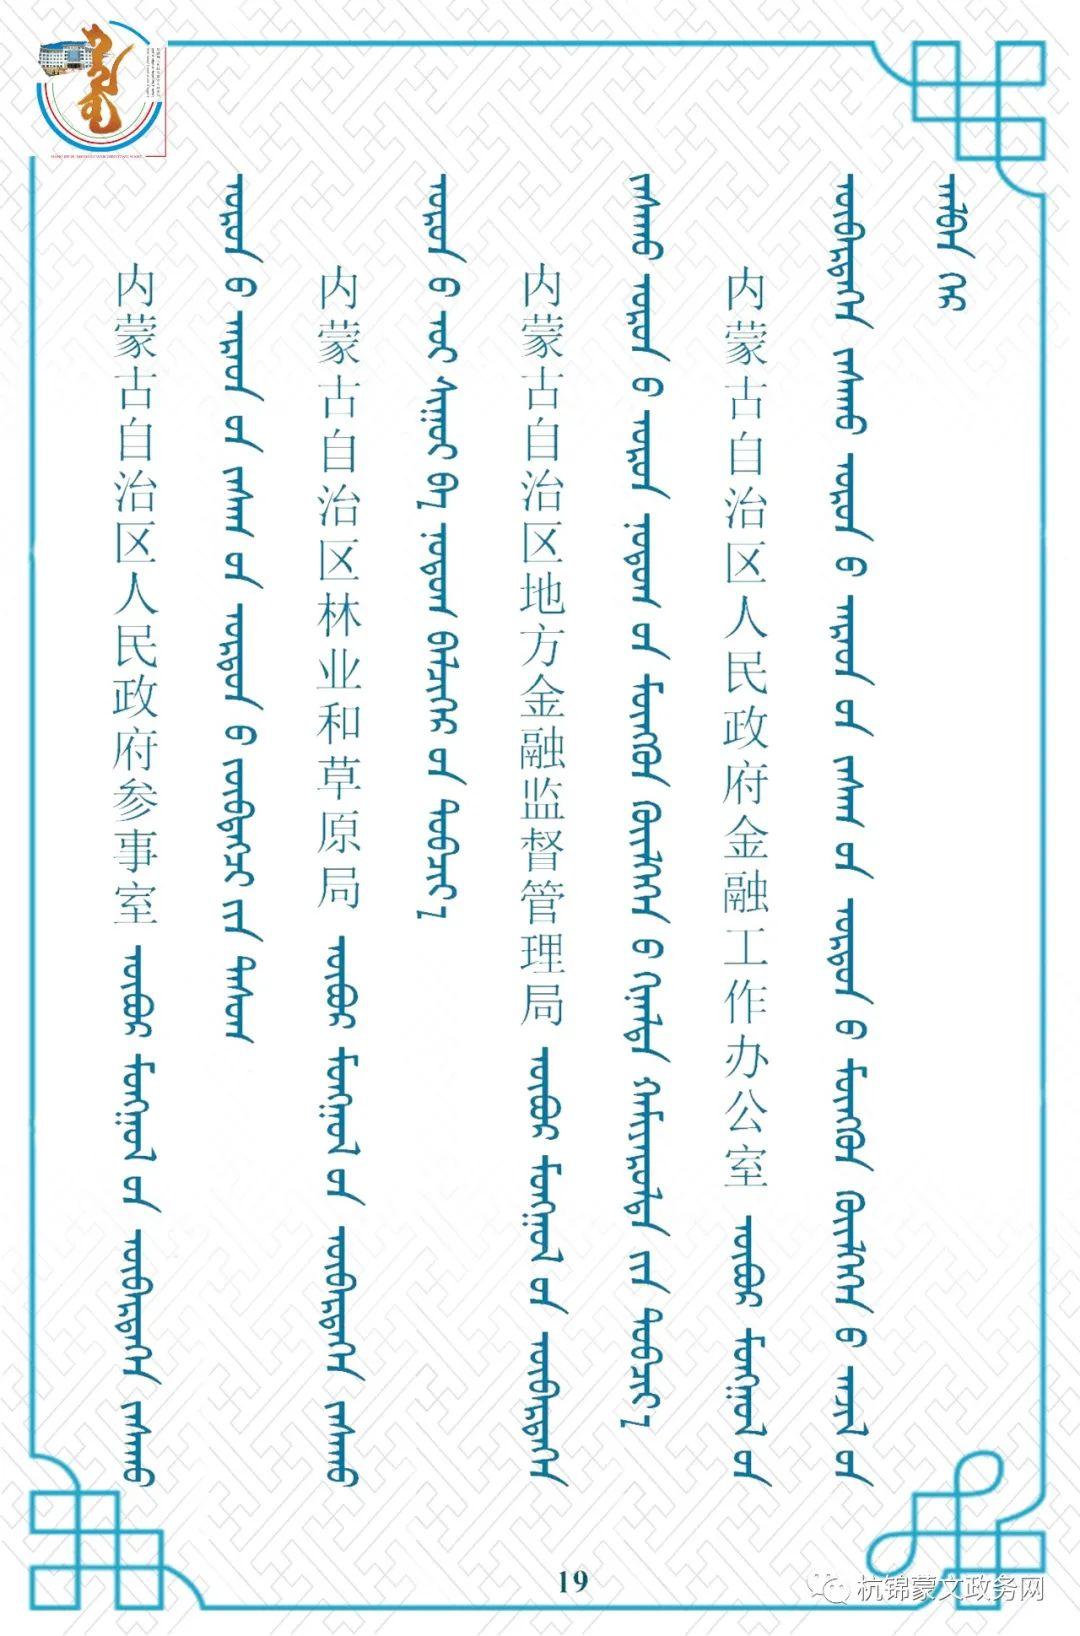 内蒙古自治区委员会机构设置蒙汉对照 第19张 内蒙古自治区委员会机构设置蒙汉对照 蒙古文库